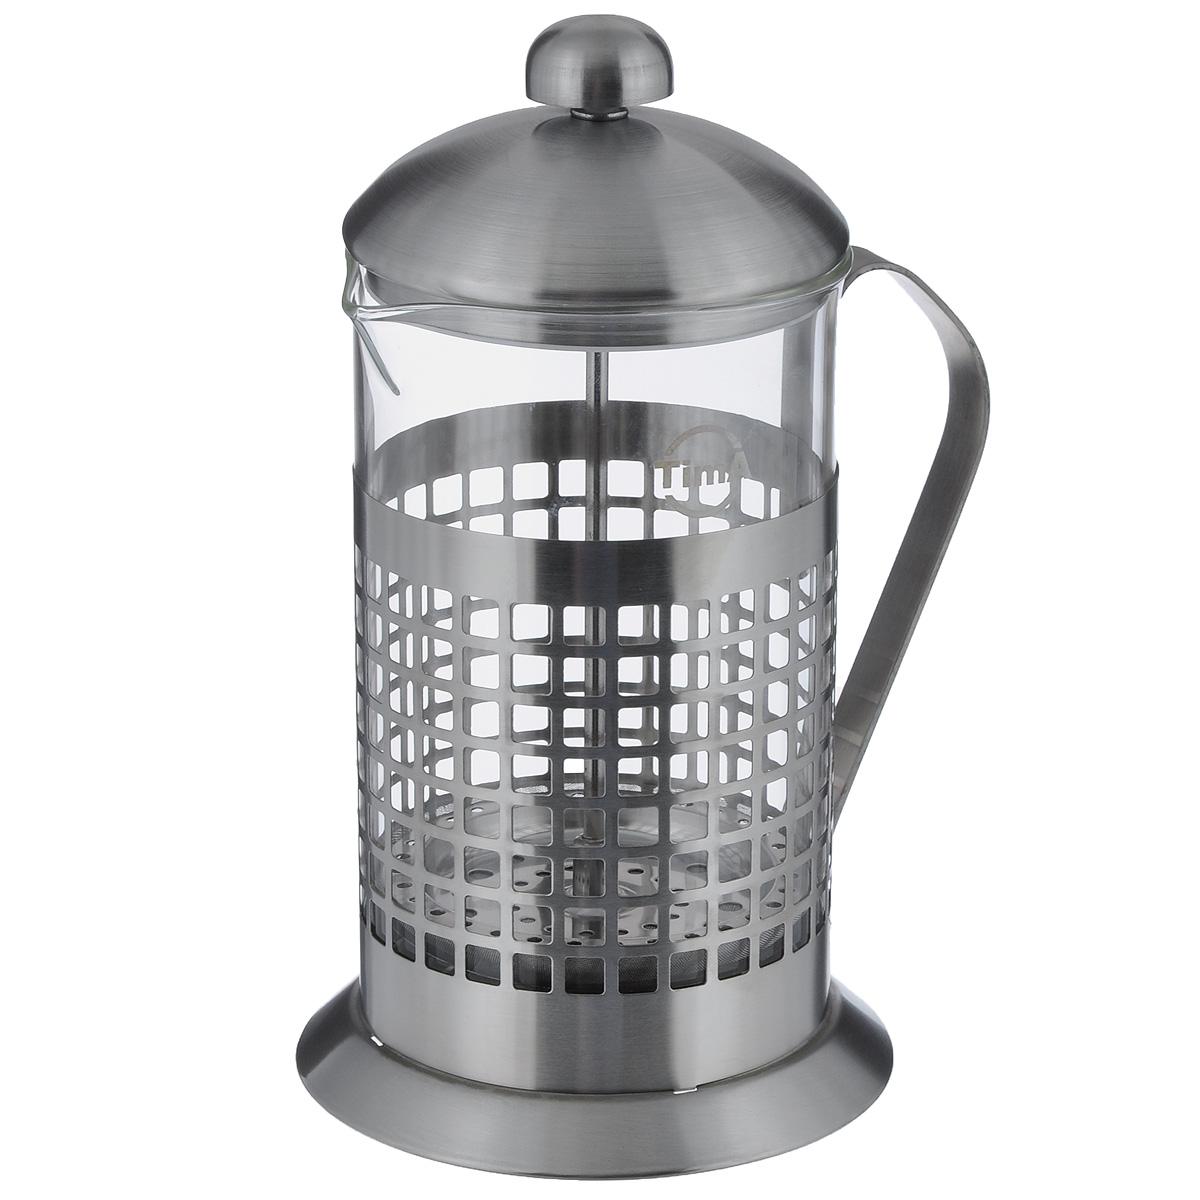 Чайник заварочный TimA Бисквит, 800 млPB-800Чайник заварочный TimA Бисквит выполнен в виде френч-пресса и представляет собой гибрид заварочного чайника и кофейника. Колба выполнена из жаропрочного стекла, корпус, крышка и поршень изготовлены из нержавеющей стали. Изделие легко разбирается и моется. Прозрачные стенки чайника дают возможность наблюдать за насыщением напитка, а поршень позволяет с легкостью отжать самый сок от заварки и получить напиток с насыщенным вкусом. Заварочный чайник - постоянно используемый предмет посуды, который необходим на каждой кухне. Френч-пресс TimA Бисквит займет достойное место среди аксессуаров на вашей кухне. Можно мыть в посудомоечной машине. Диаметр (по верхнему краю): 10 см. Высота чайника (с крышкой): 22 см.Объем: 800 мл.